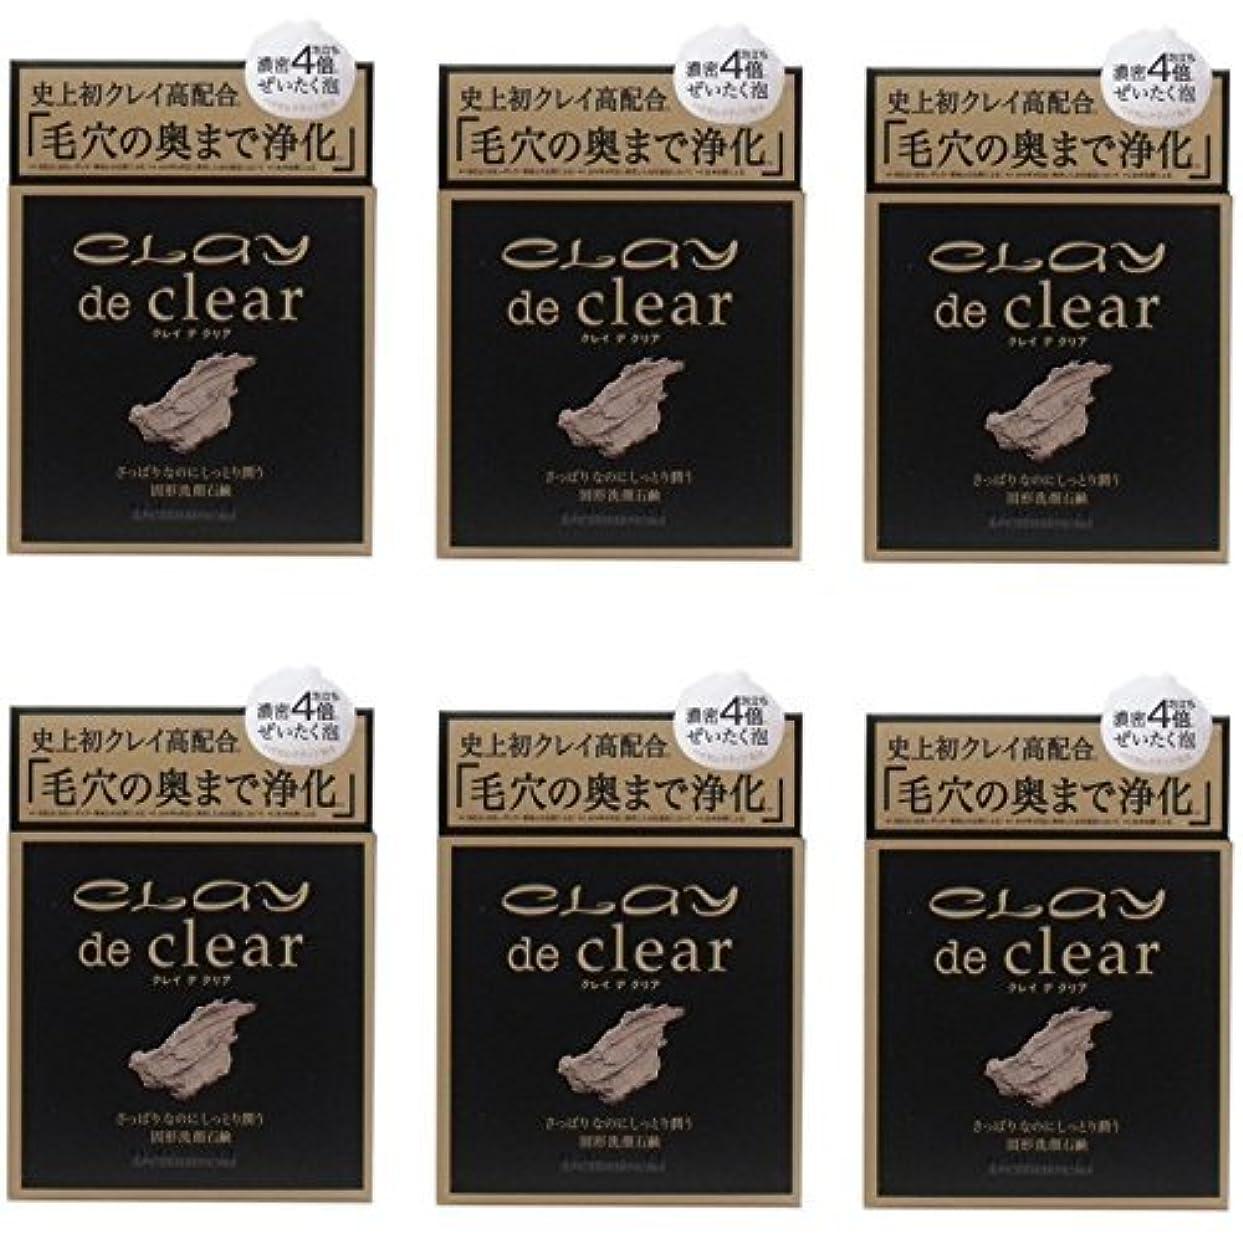 海外で依存するリハーサル【まとめ買い】クレイ デ クリア フェイシャルソープ 80g【×6個】